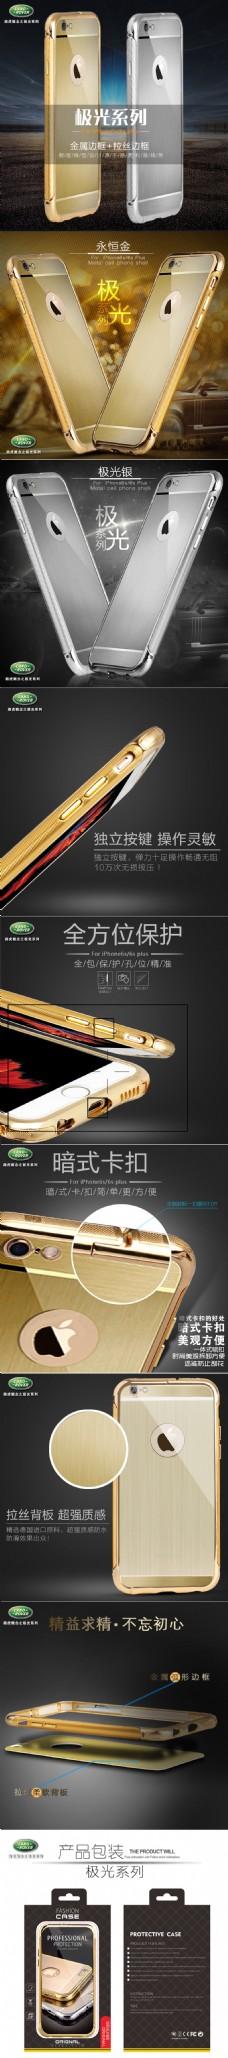 金属手机壳品牌详情描述